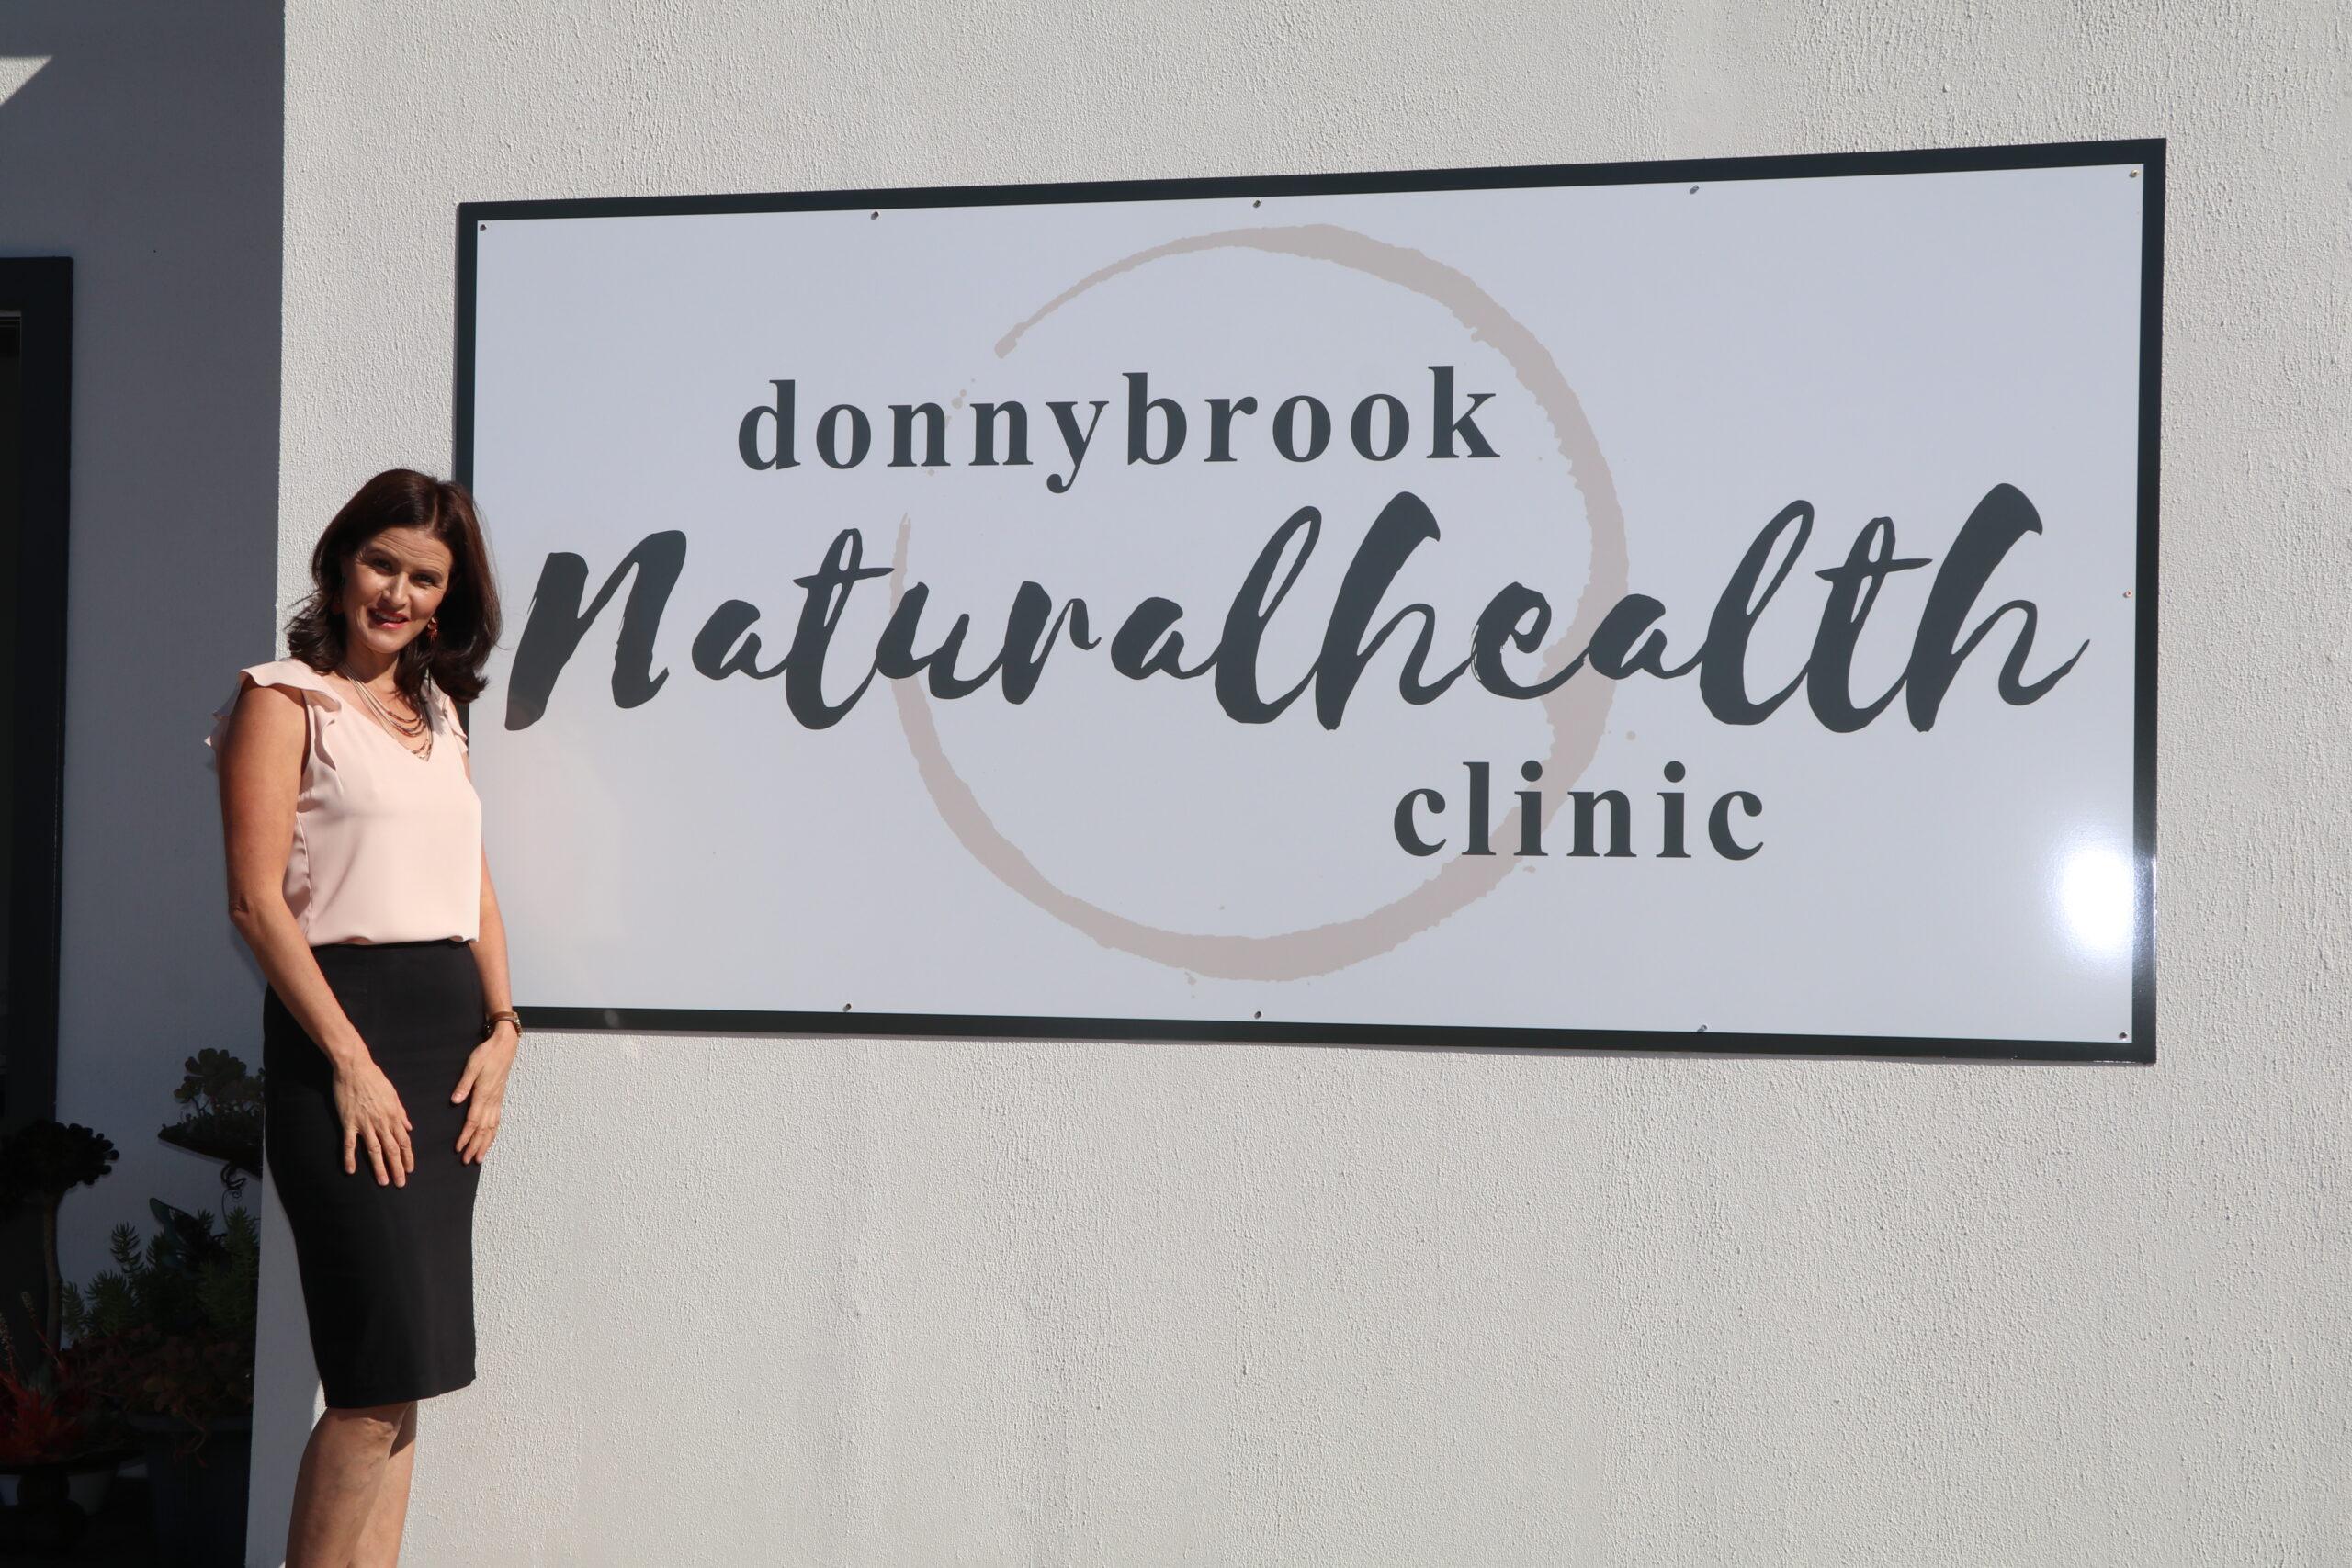 Business Sotlight - Donnybrook Natural Health